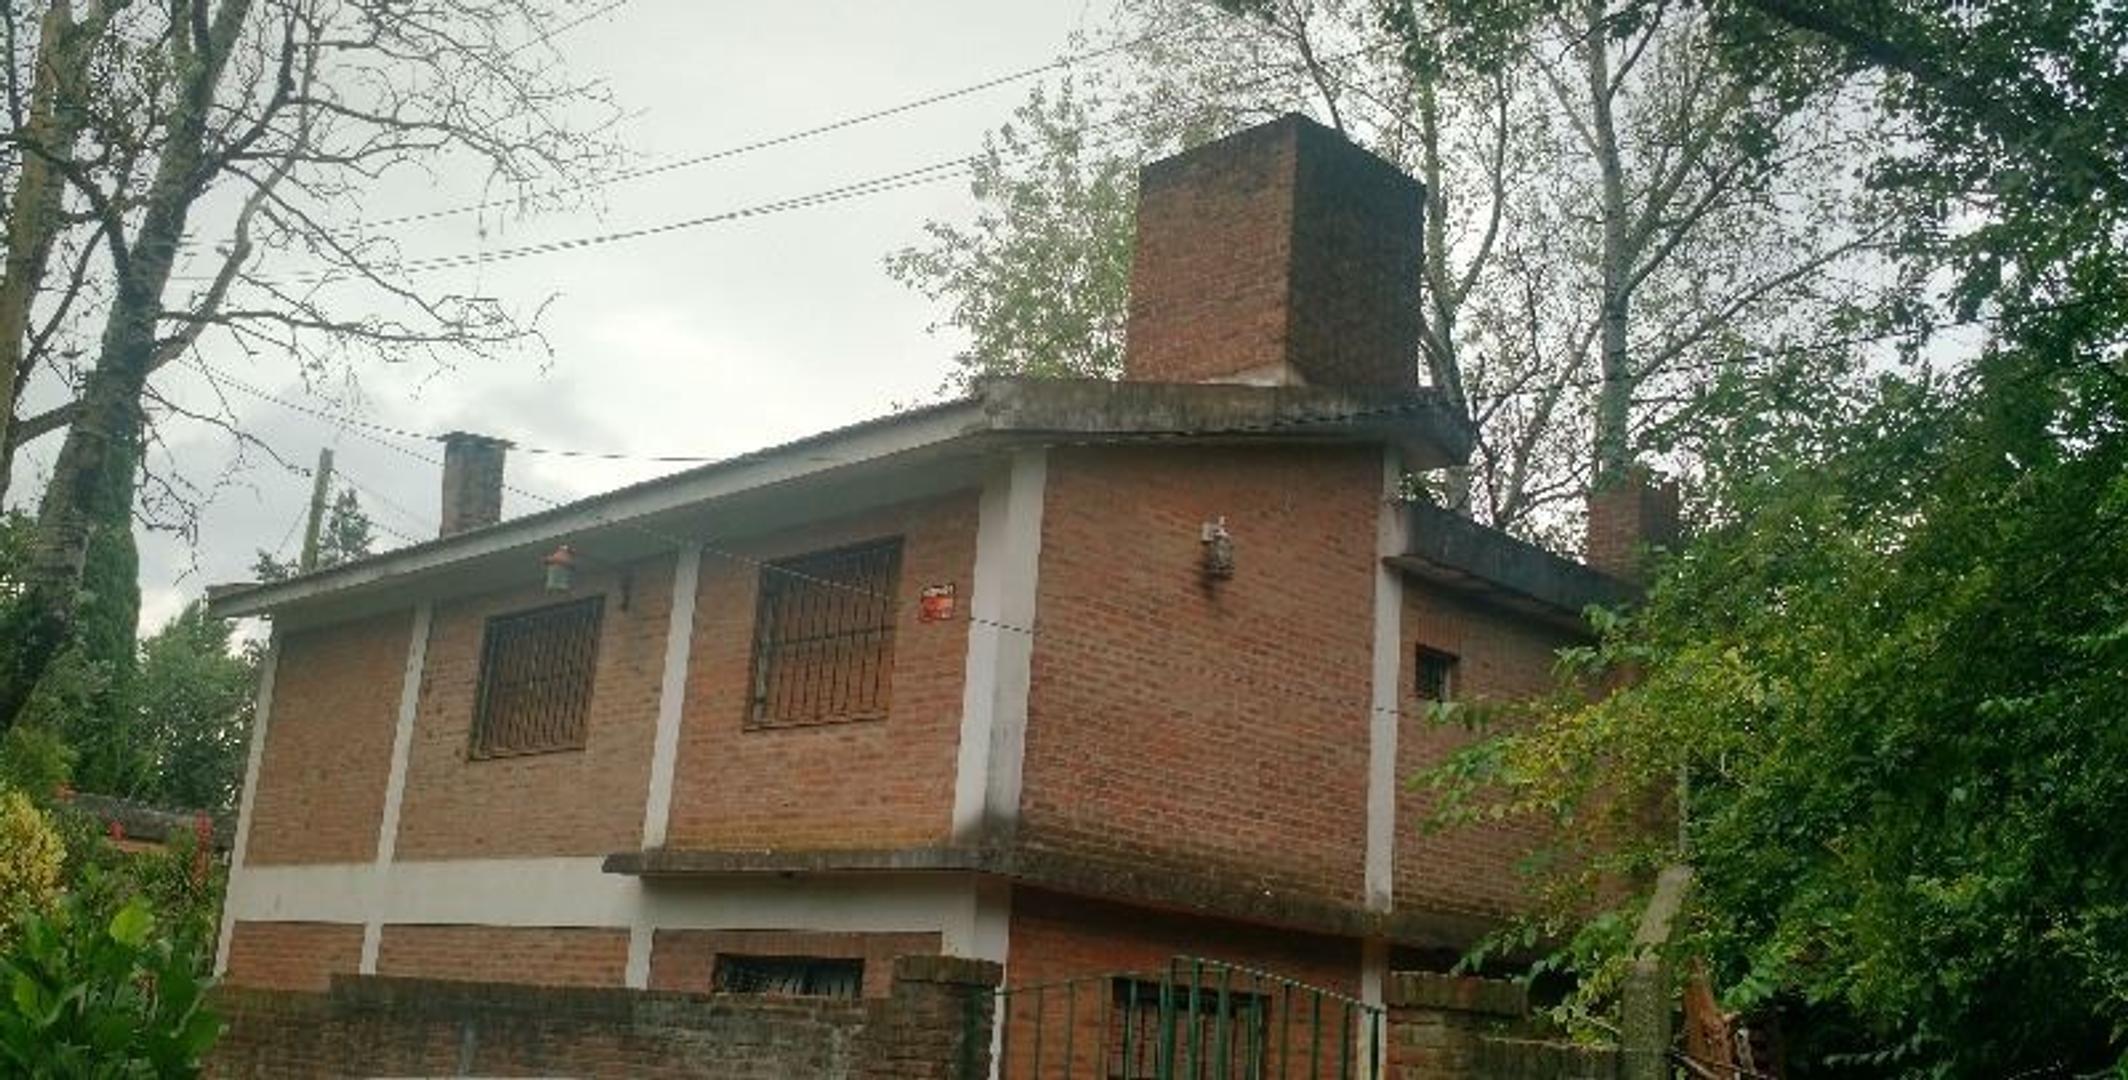 Casa en Venta en Manuel Alberti - 5 ambientes